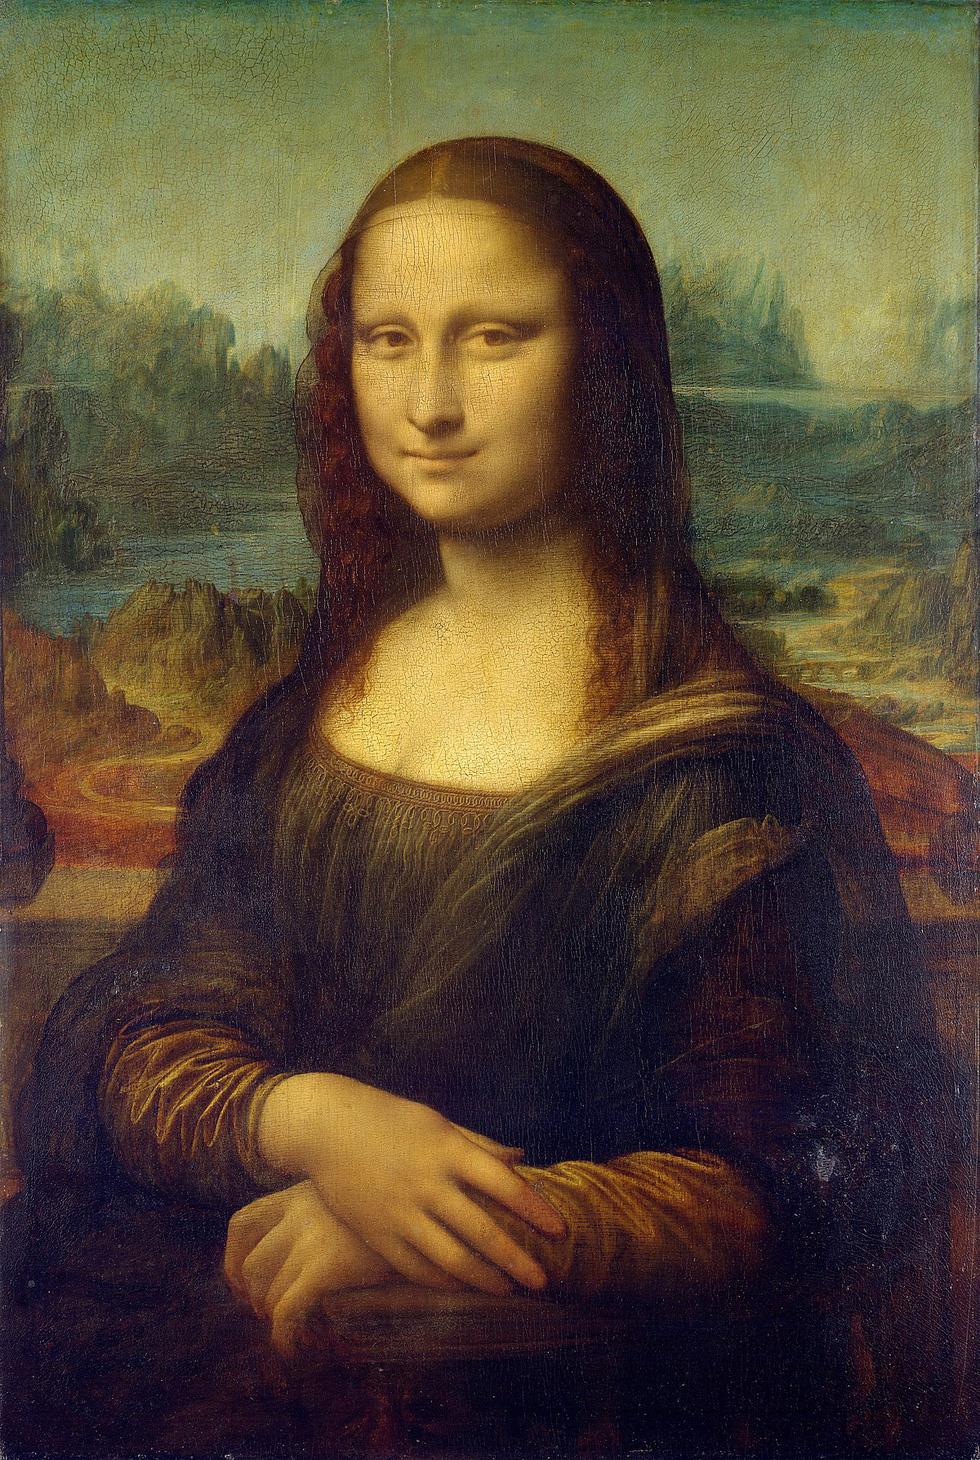 Thiên tài Leonardo da Vinci 'đến'… ga Hà Nội - Ảnh 10.